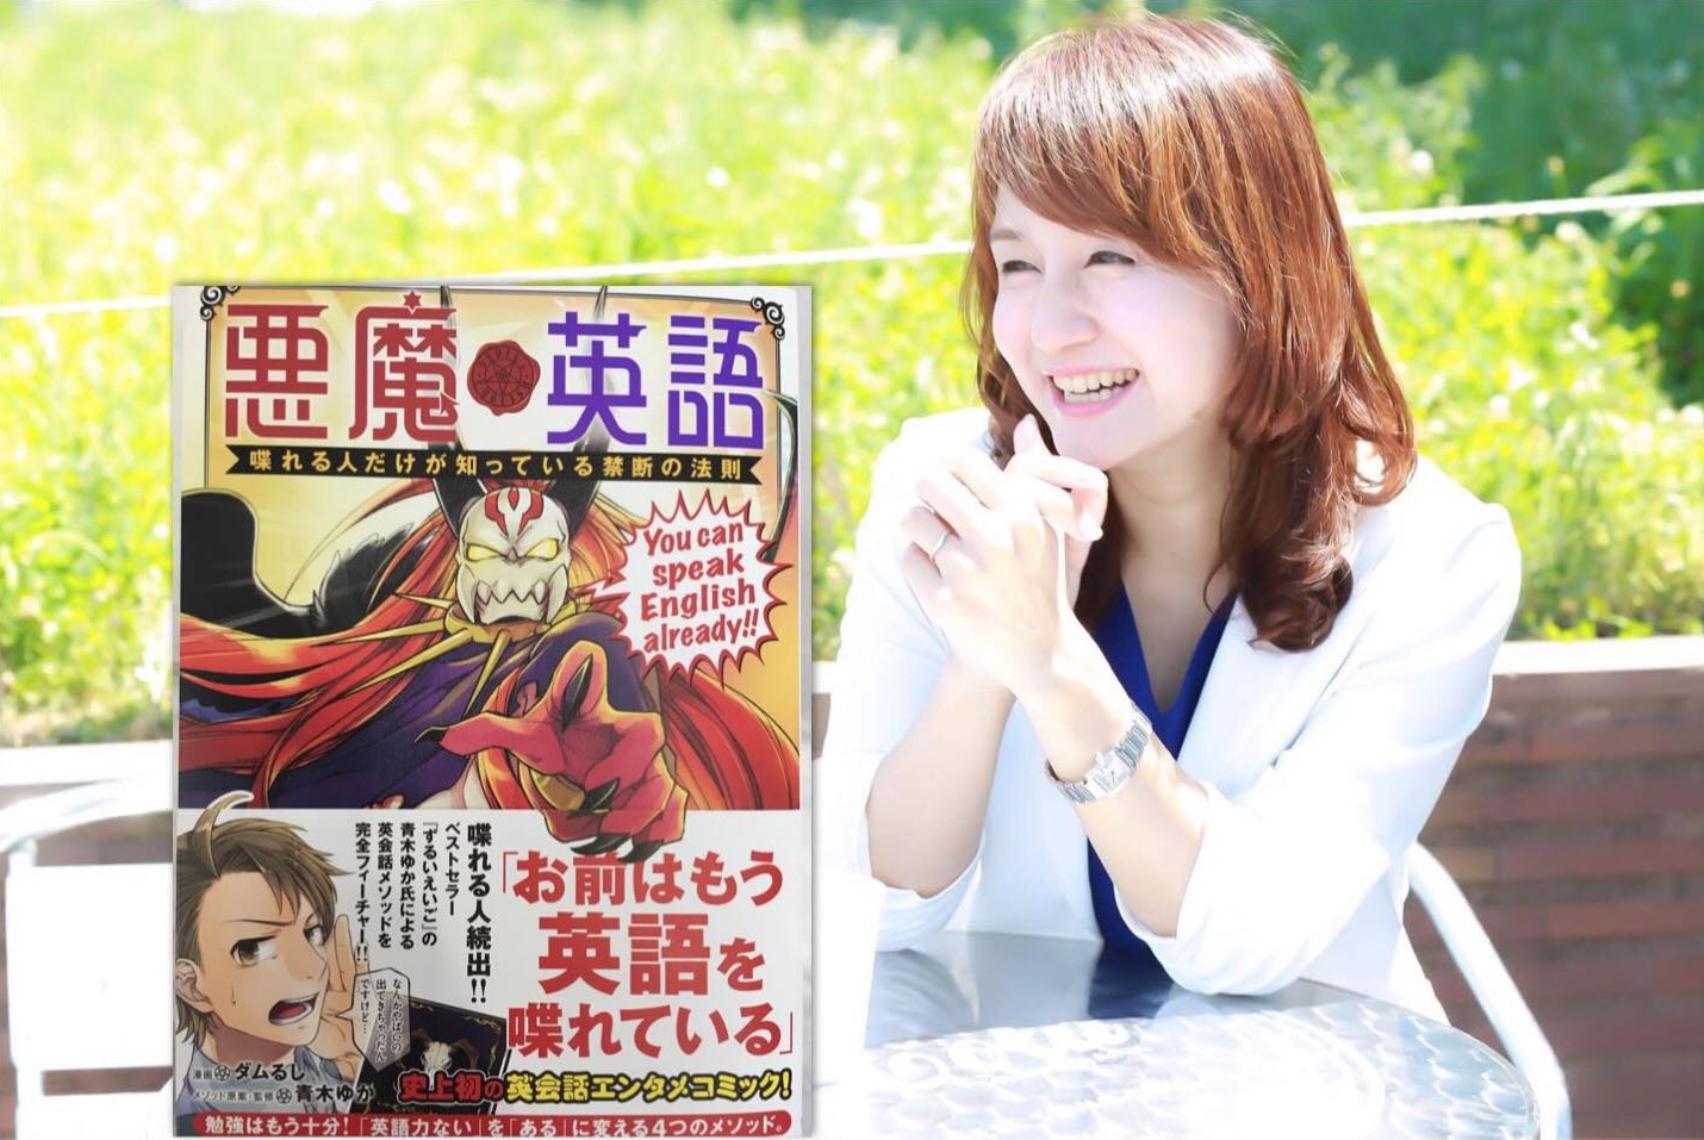 いよいよ本日(4月20日)発売!悪魔☆英語